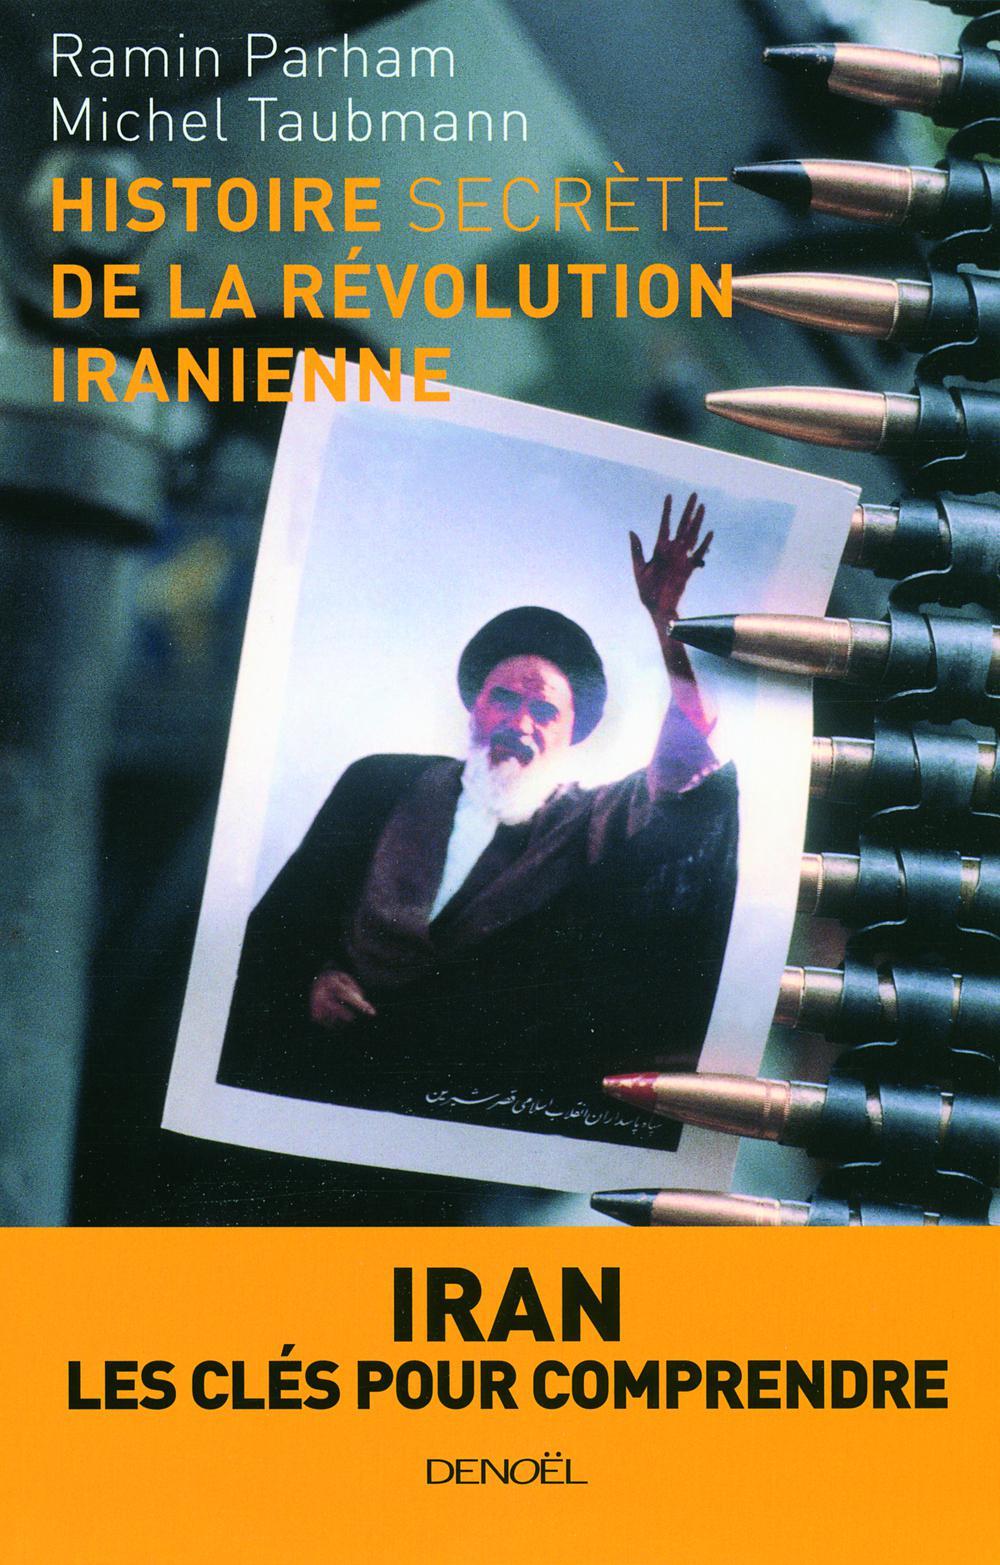 Histoire secrète de la révolution iranienne